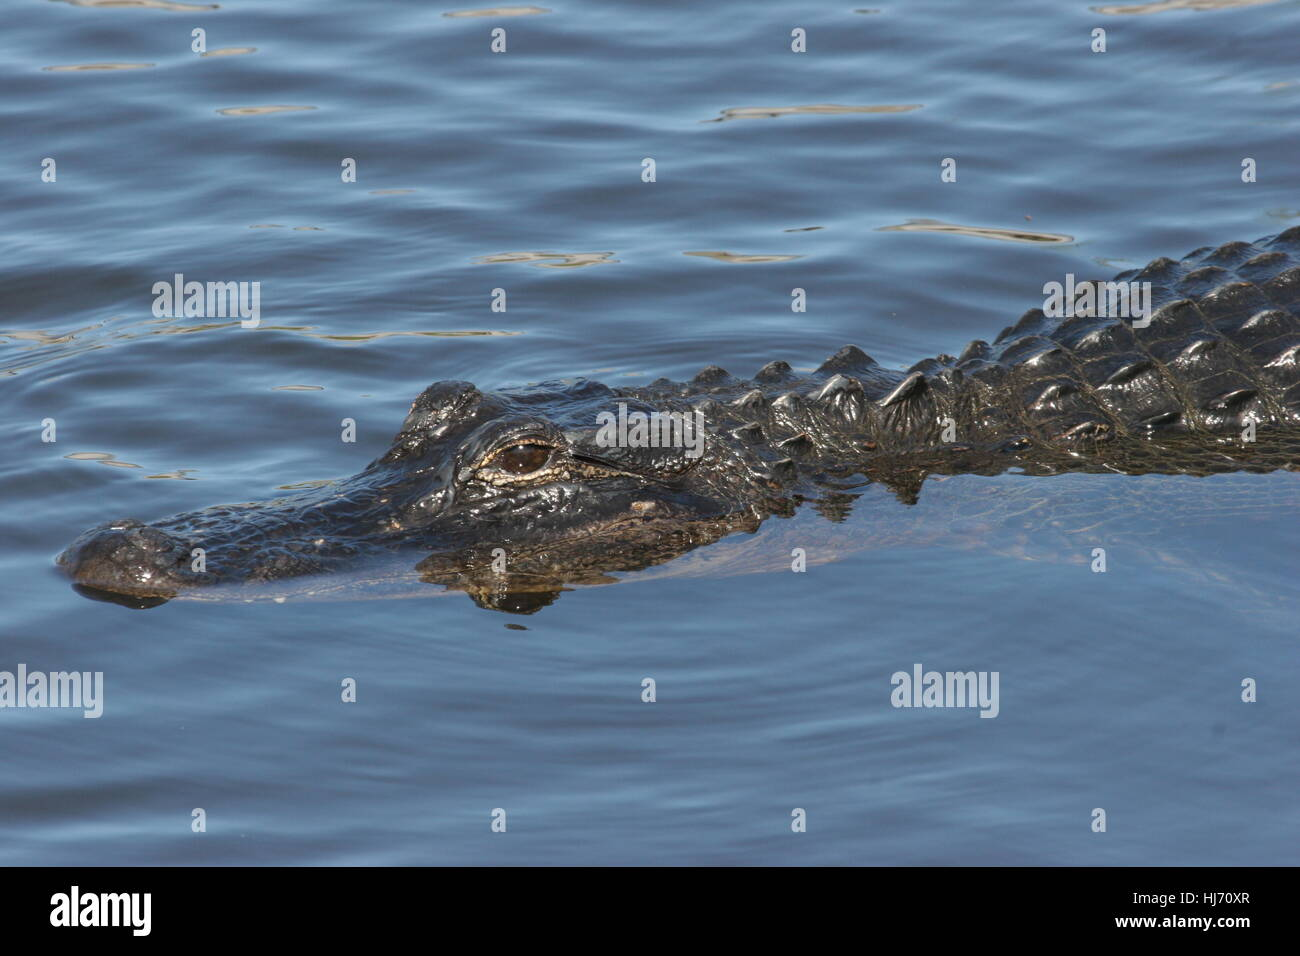 animal, wild, swamp, crocodile, reflection, amphibians, rare, wildlife, - Stock Image